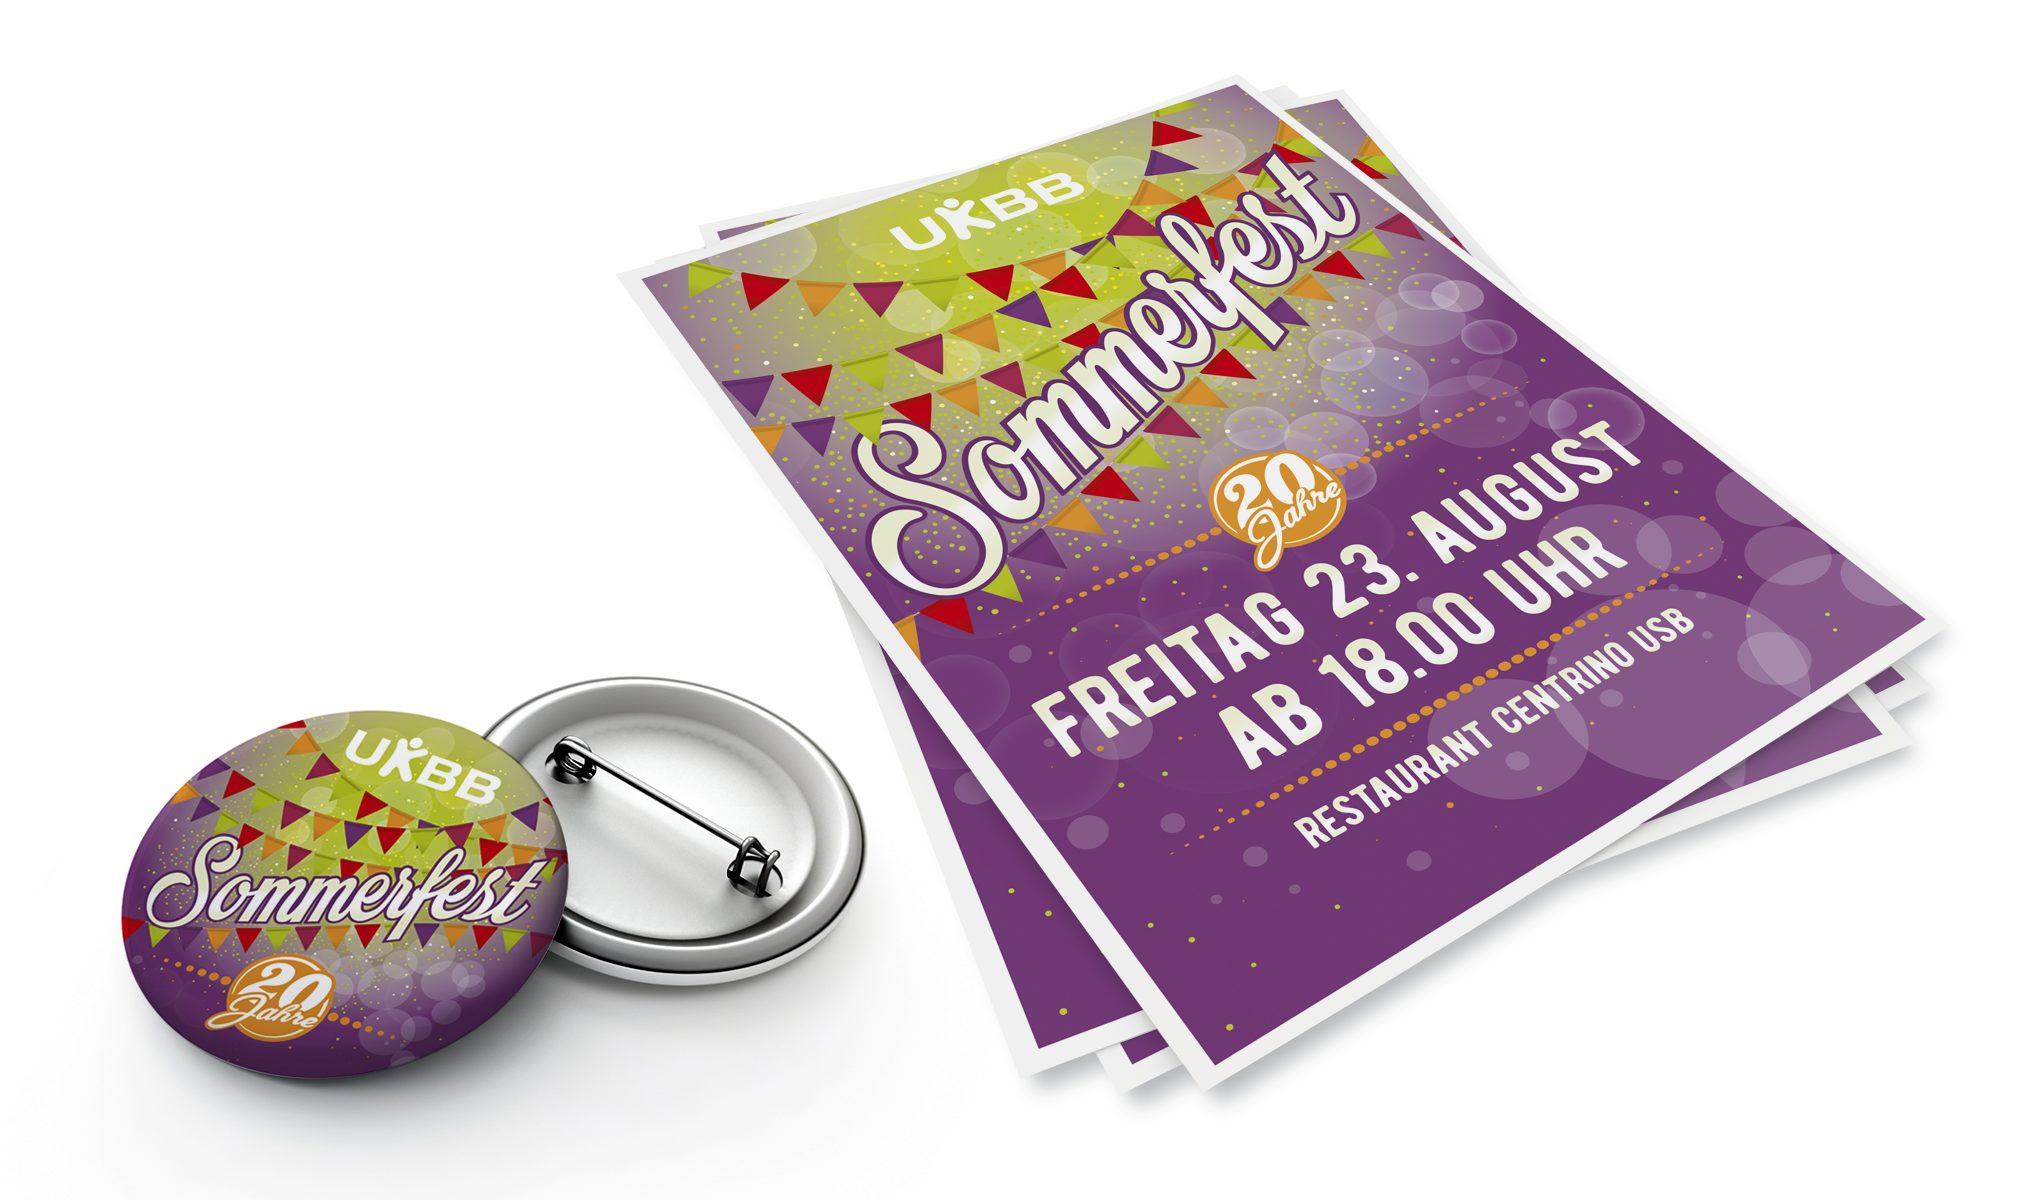 UKBB-Sommerfest2019